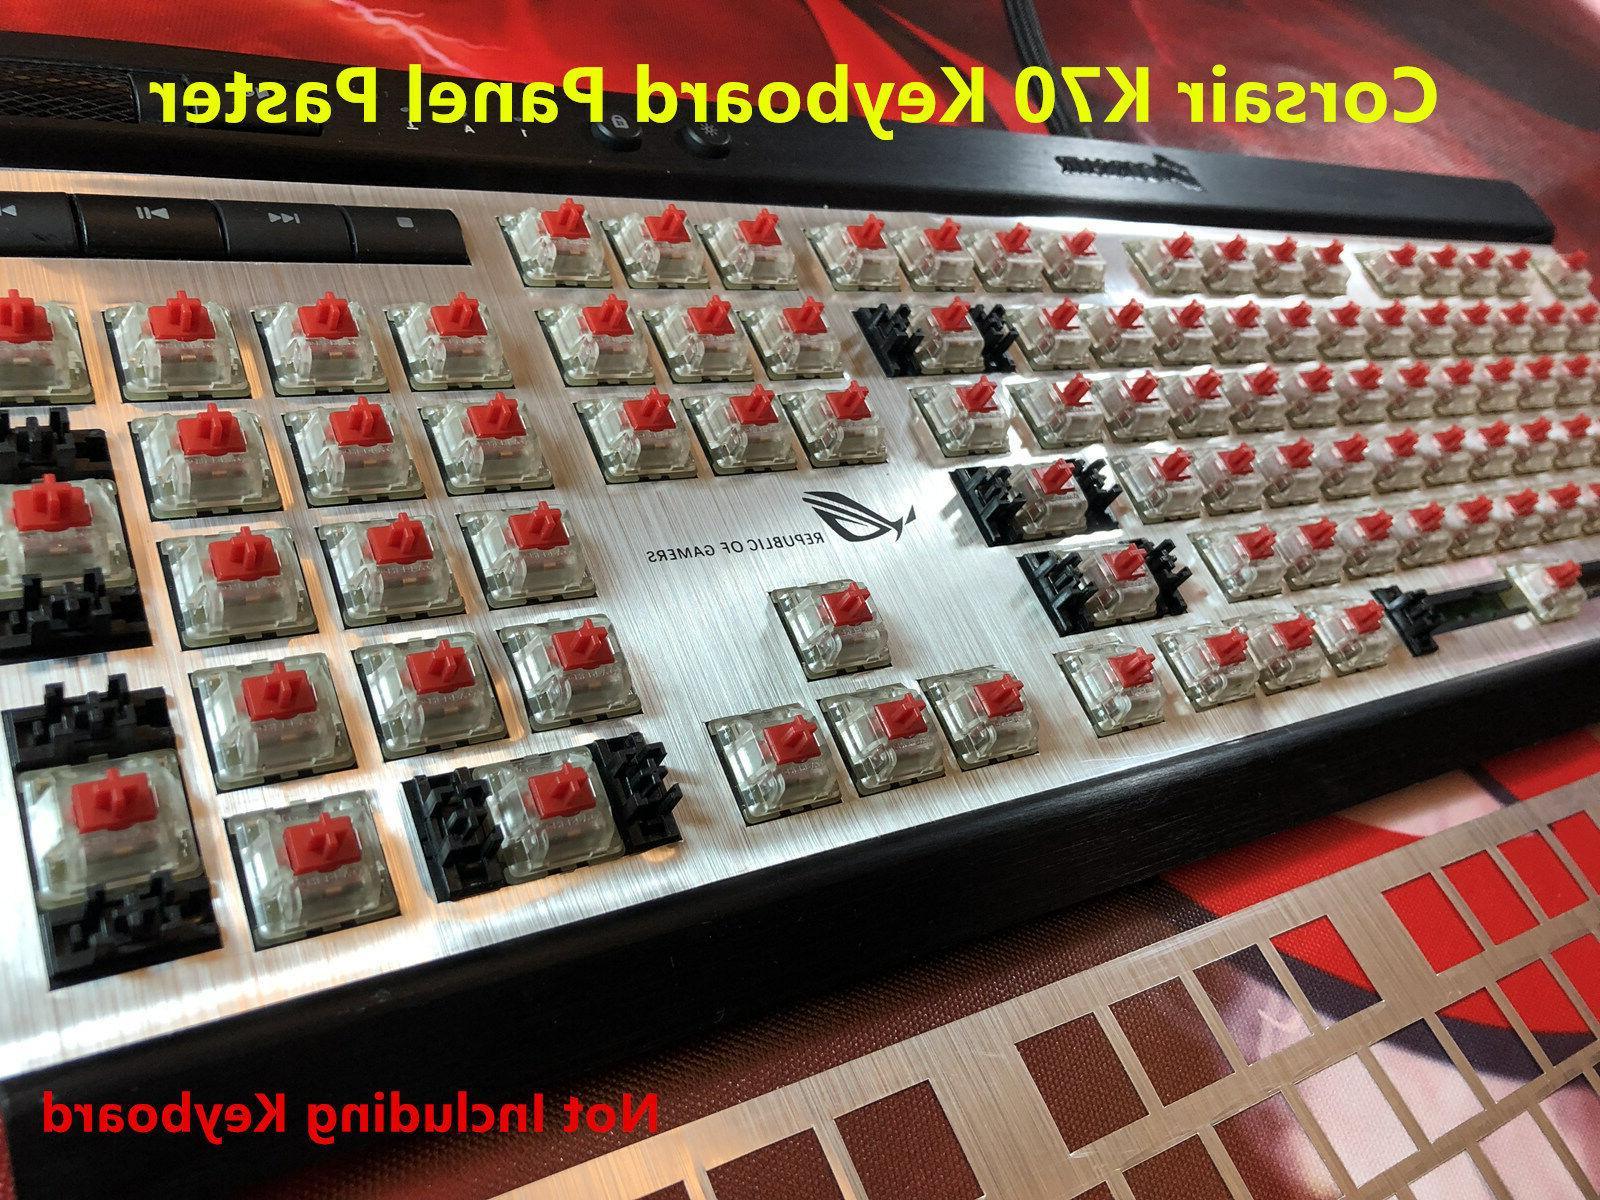 Corsair K70 LUX Strafe RGB Set Accessories